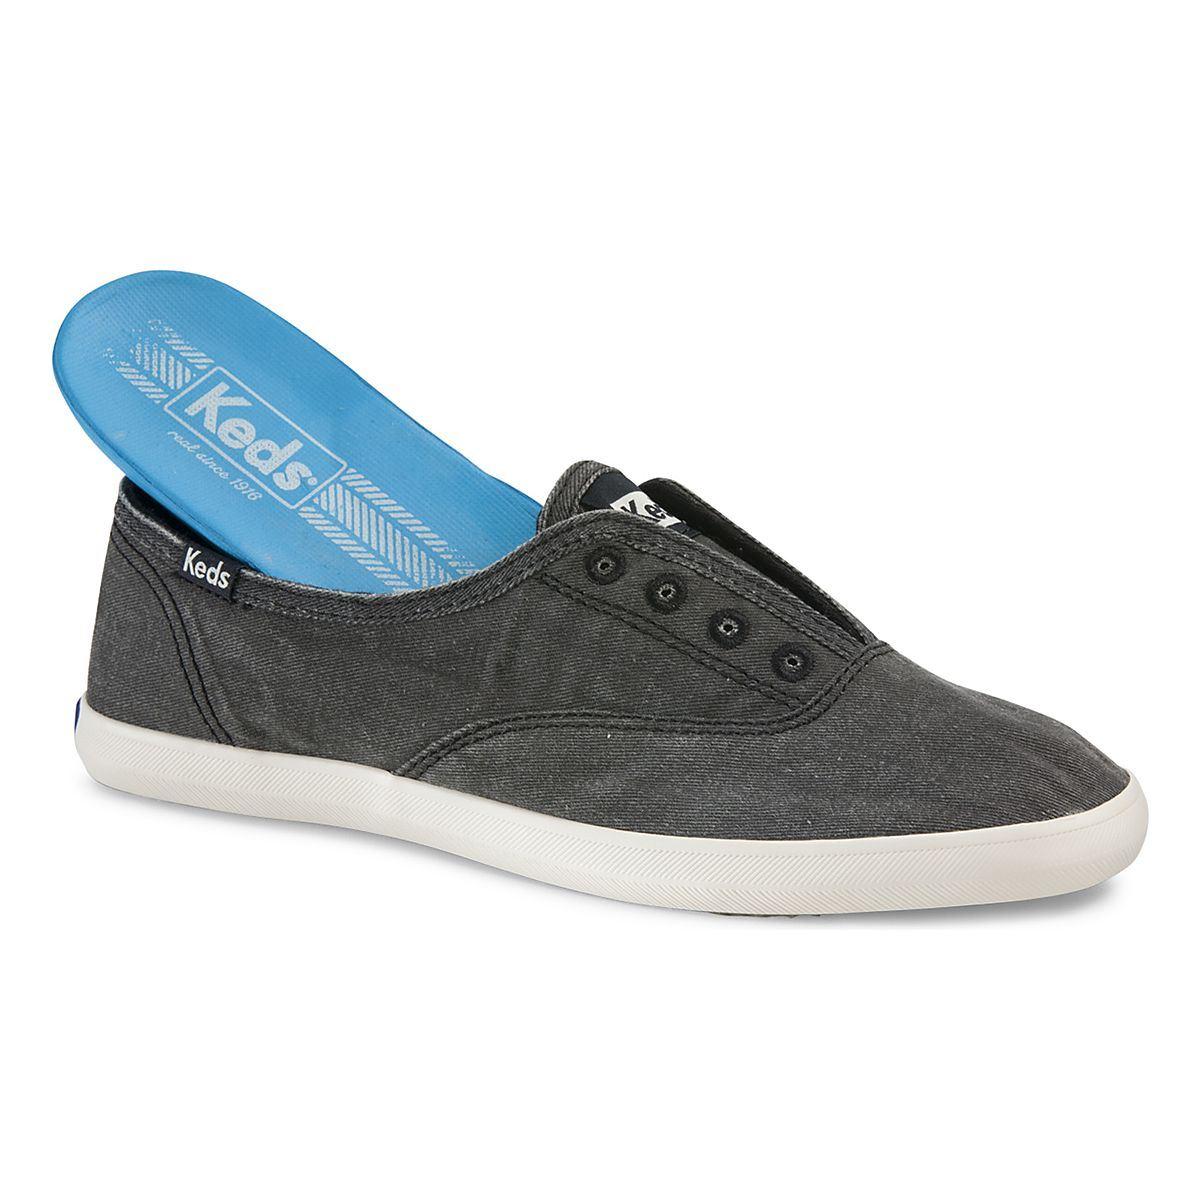 Keds Washable Leather Shoes